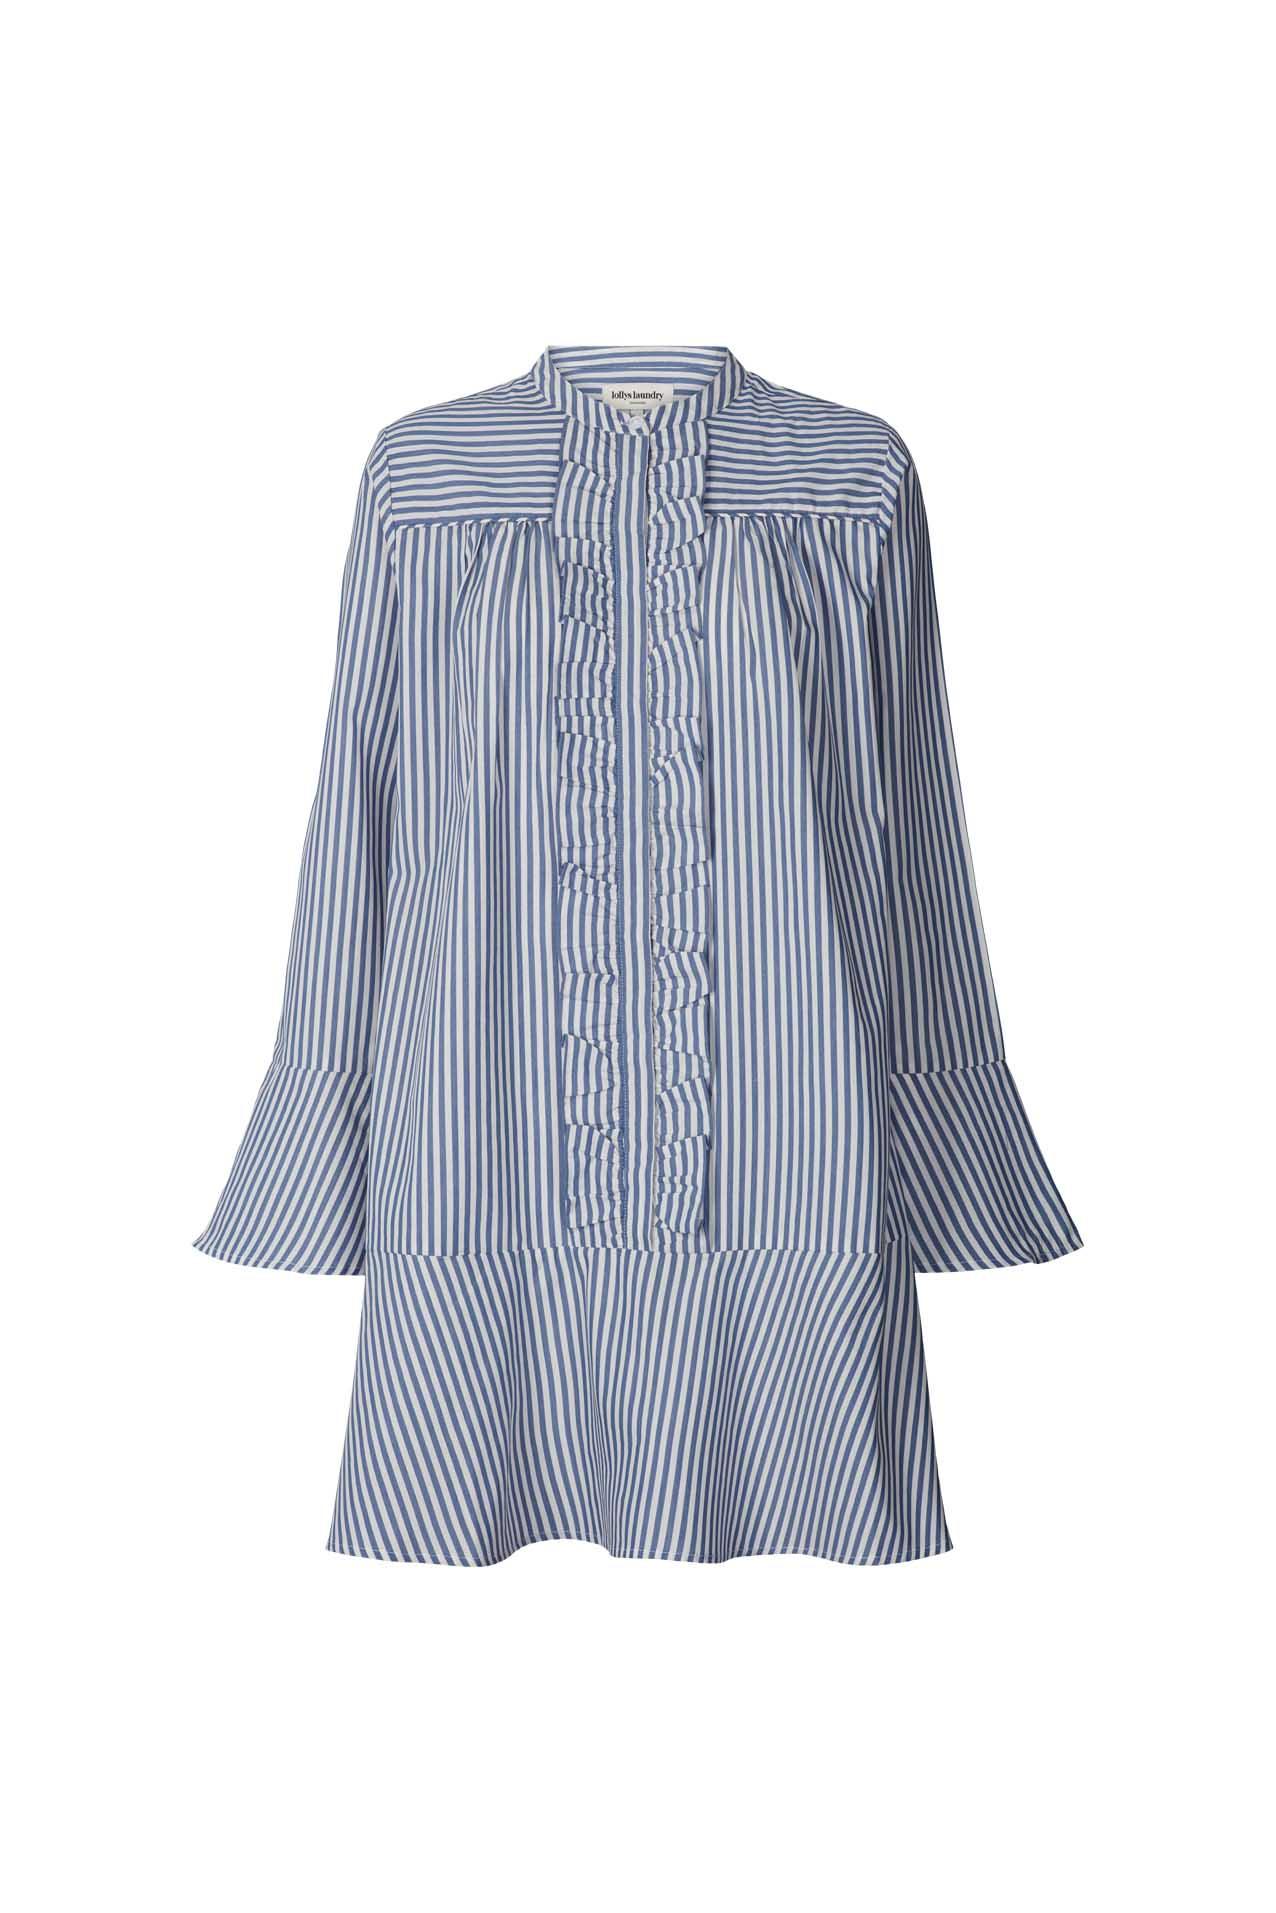 Lollys Laundry Haddy kjole